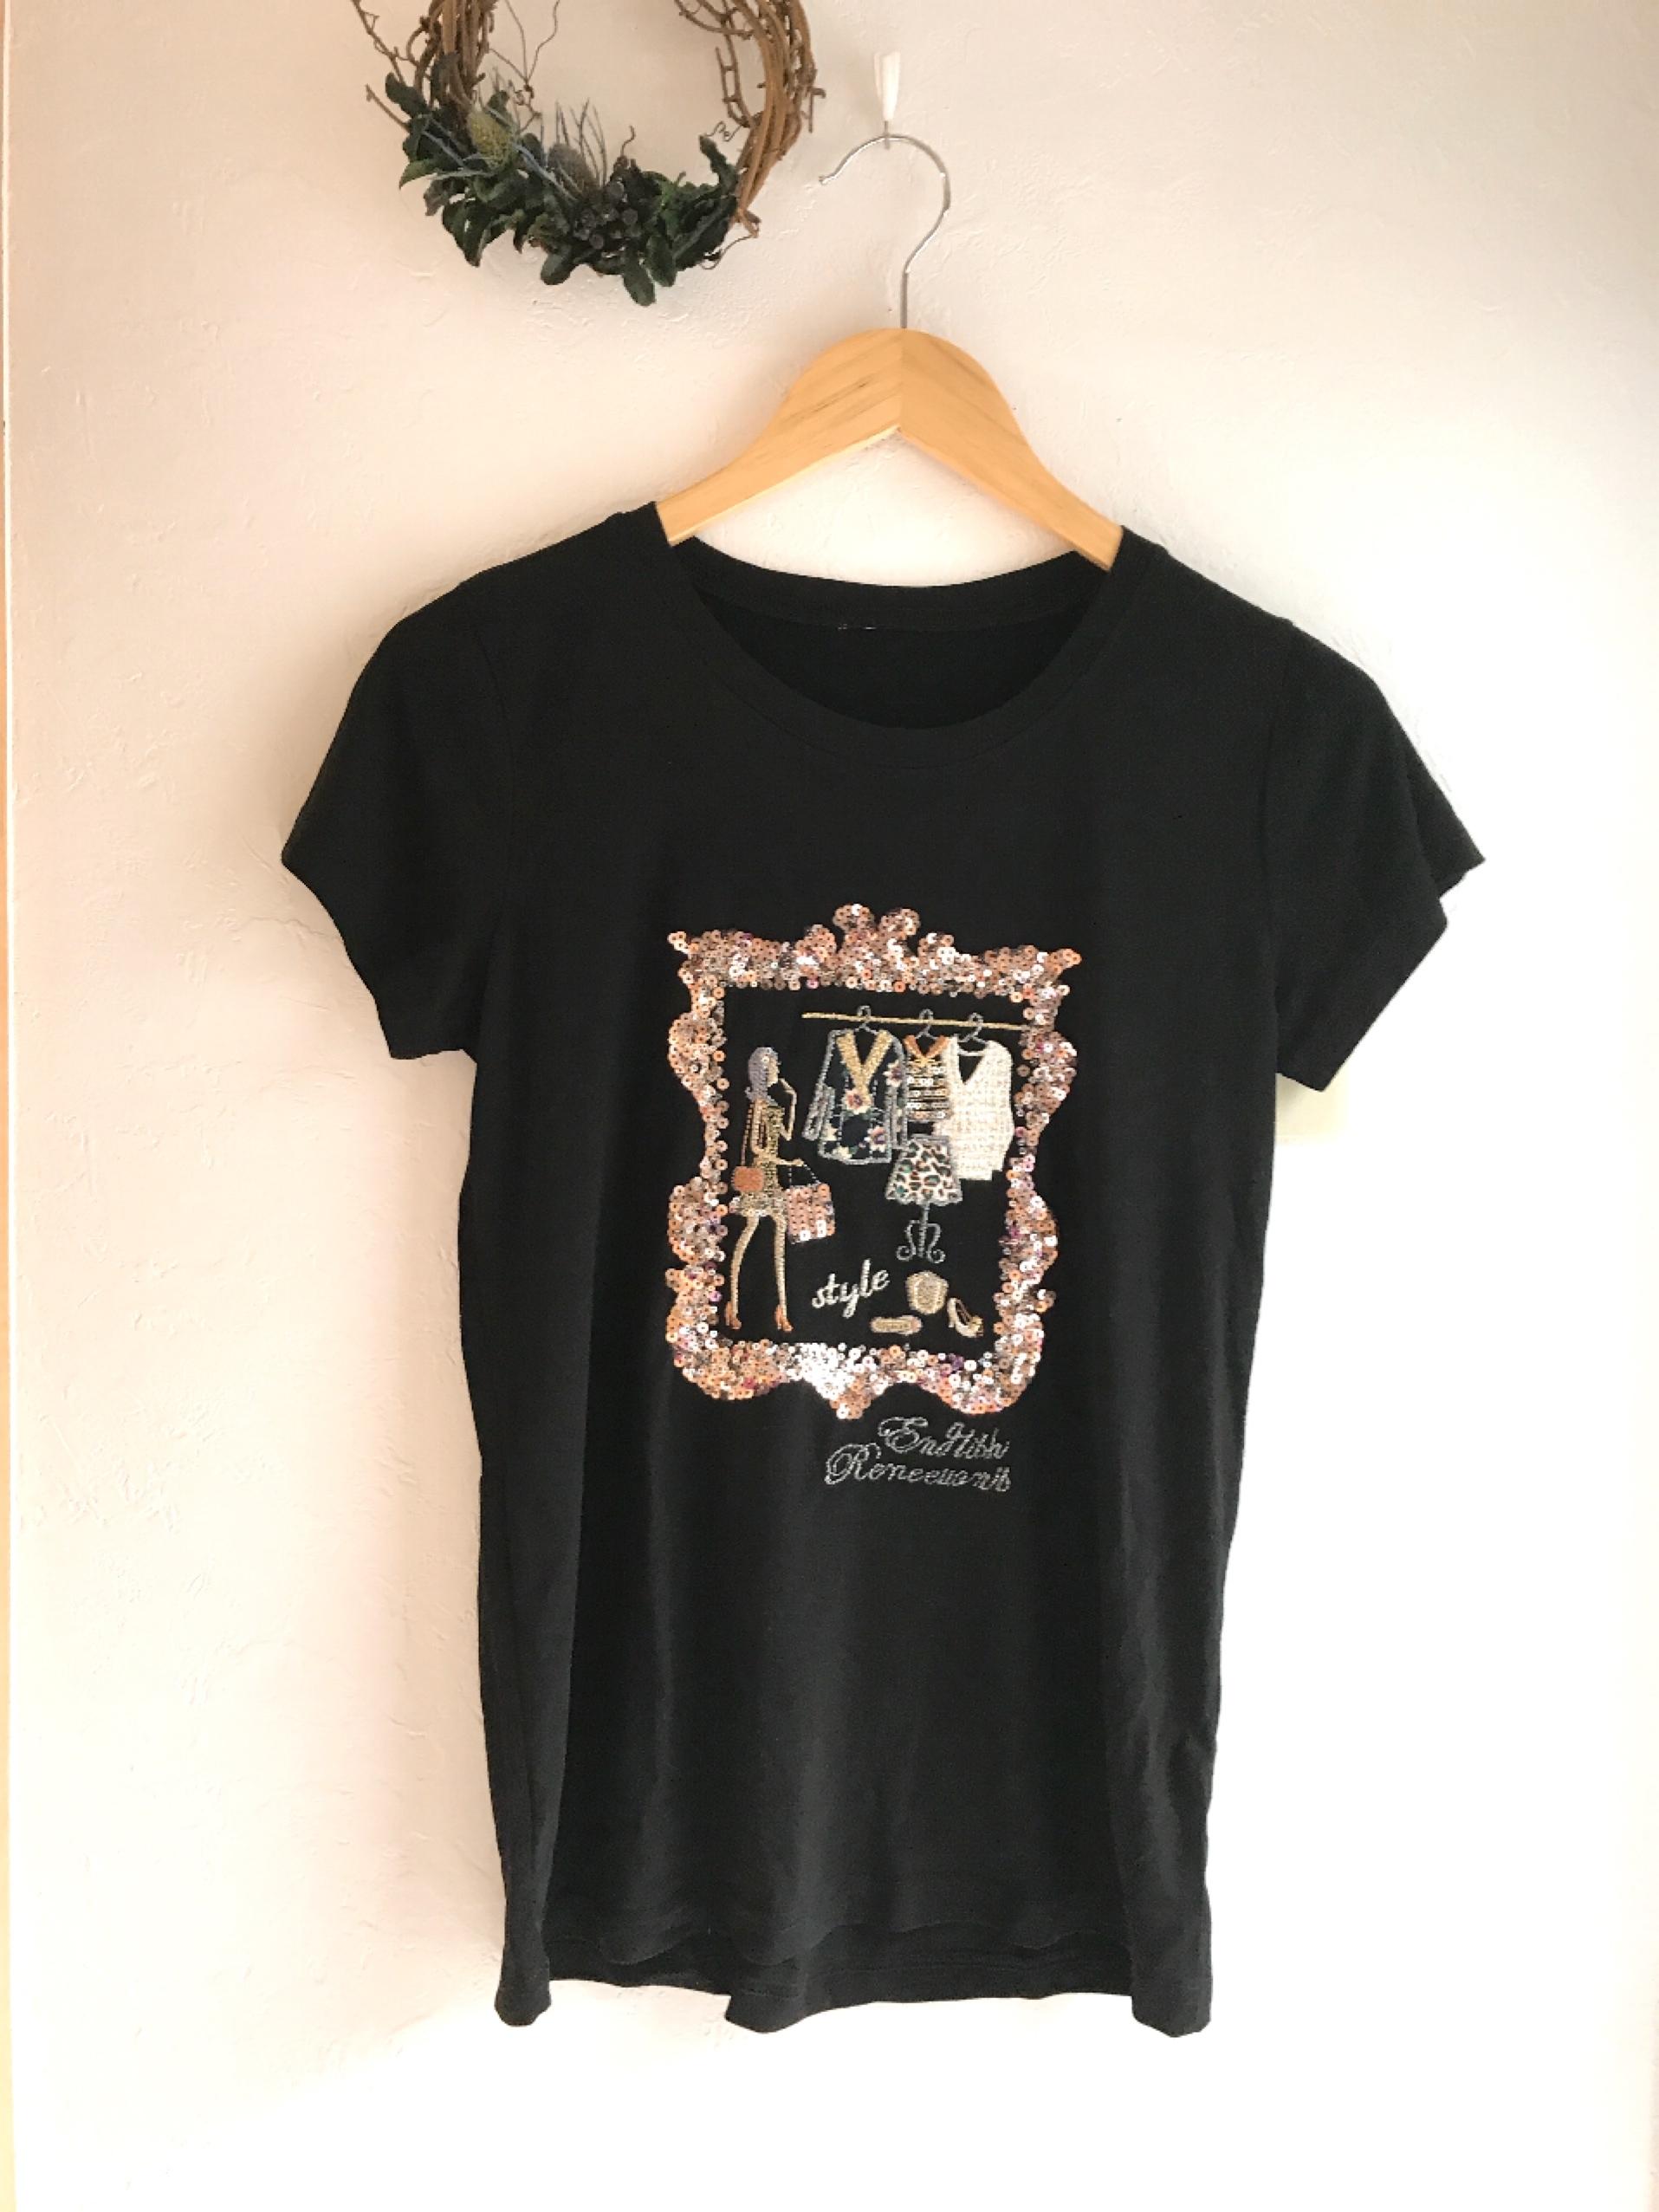 女の子のオシャレクローゼット柄Tシャツ ブラック